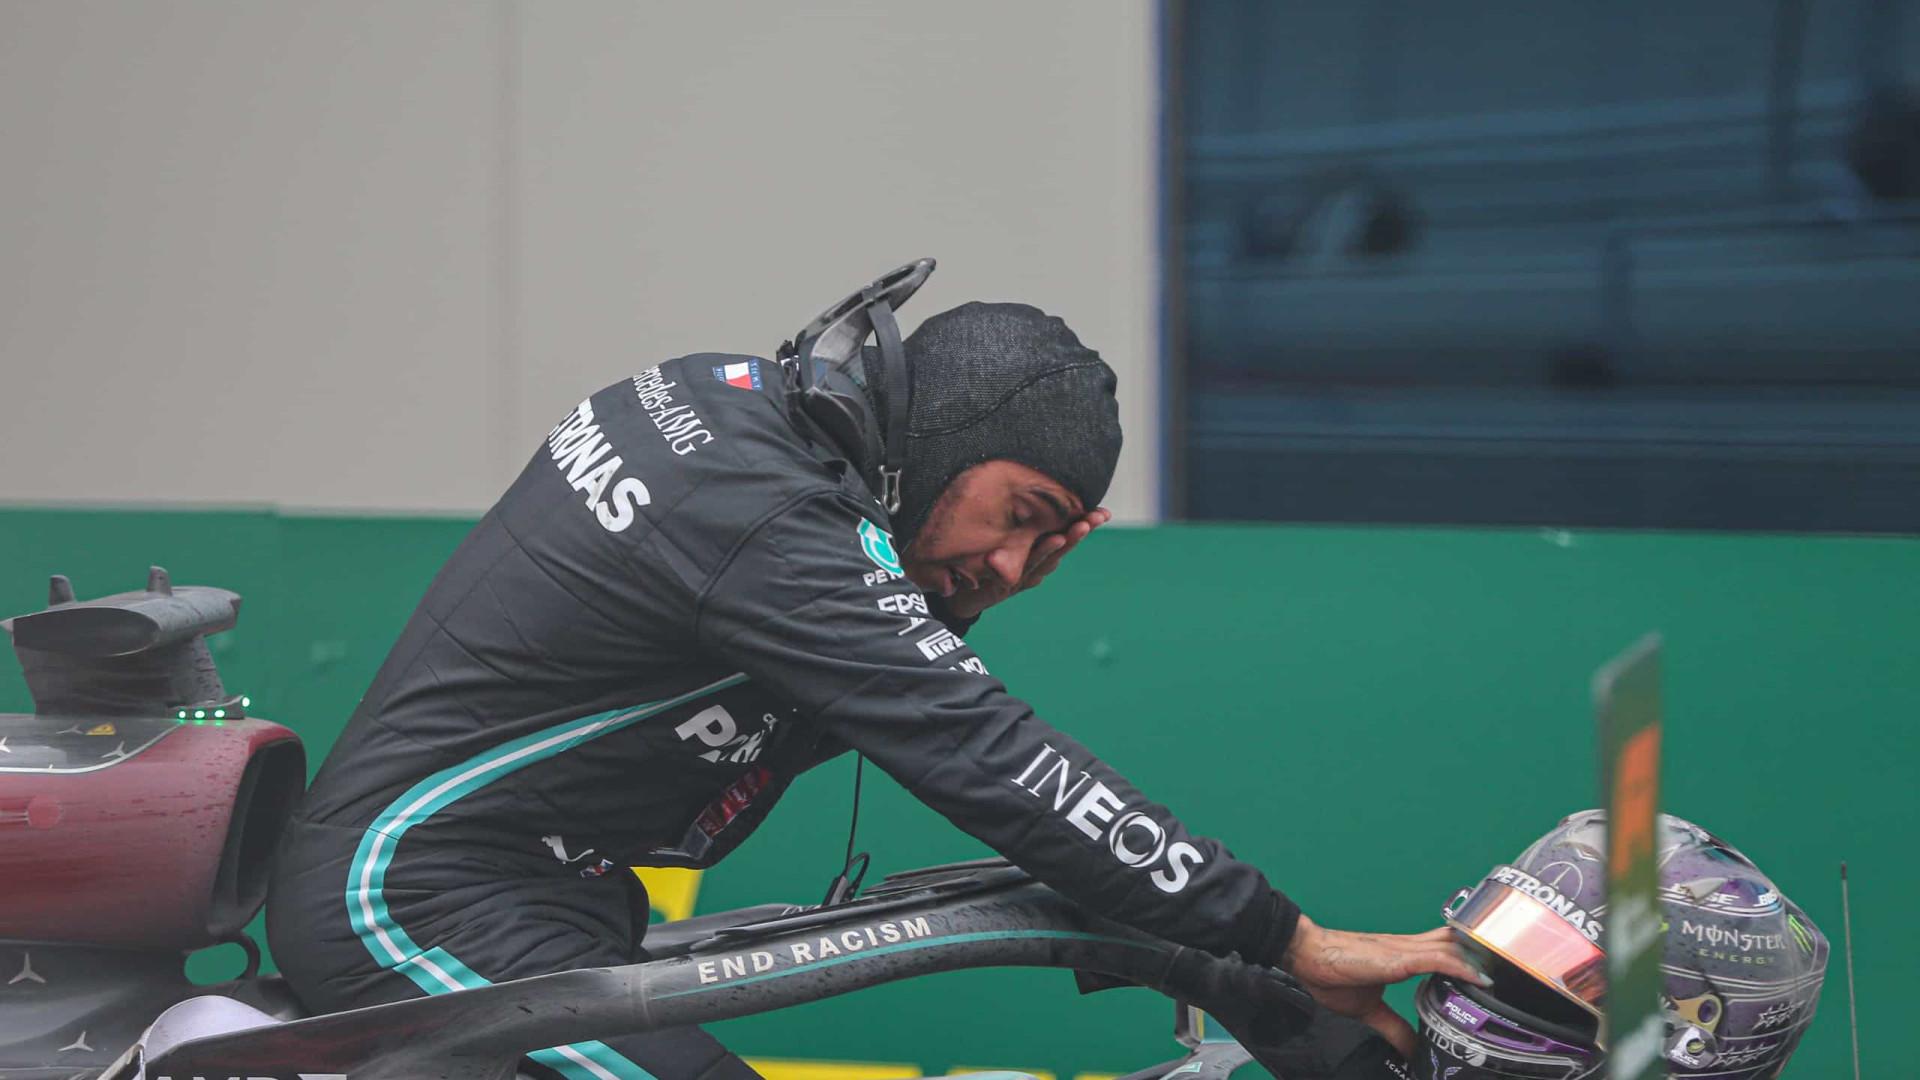 Com Covid-19, Hamilton enfrenta restrições rígidas para tentar disputar GP